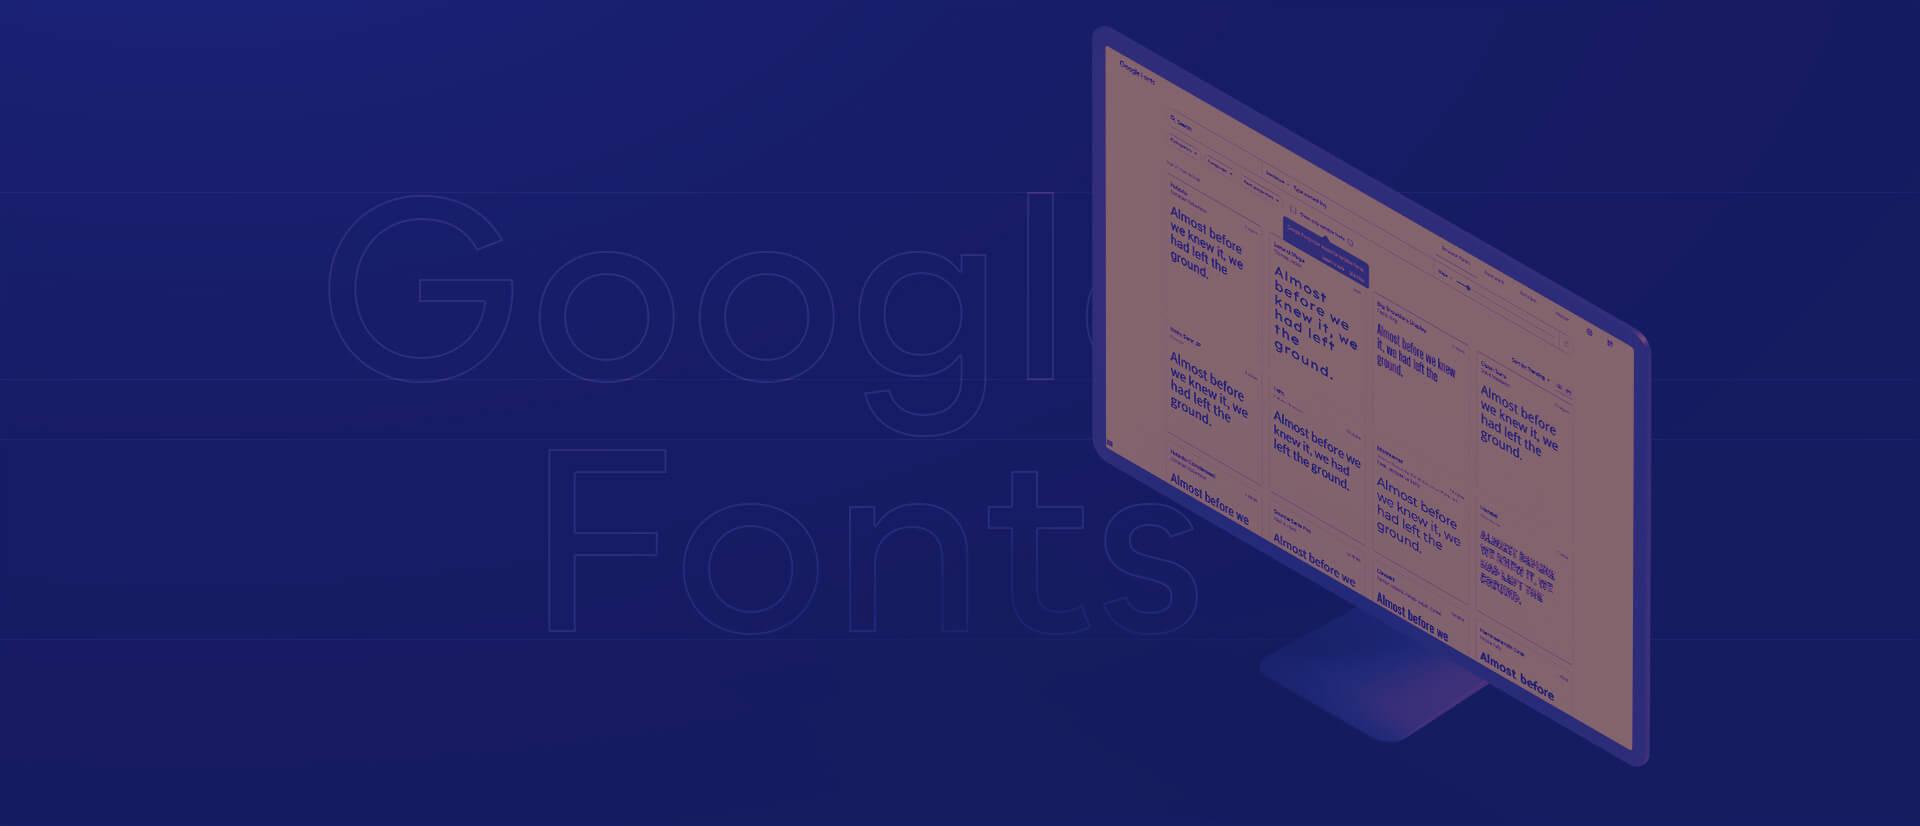 Isometric Desktop Screen